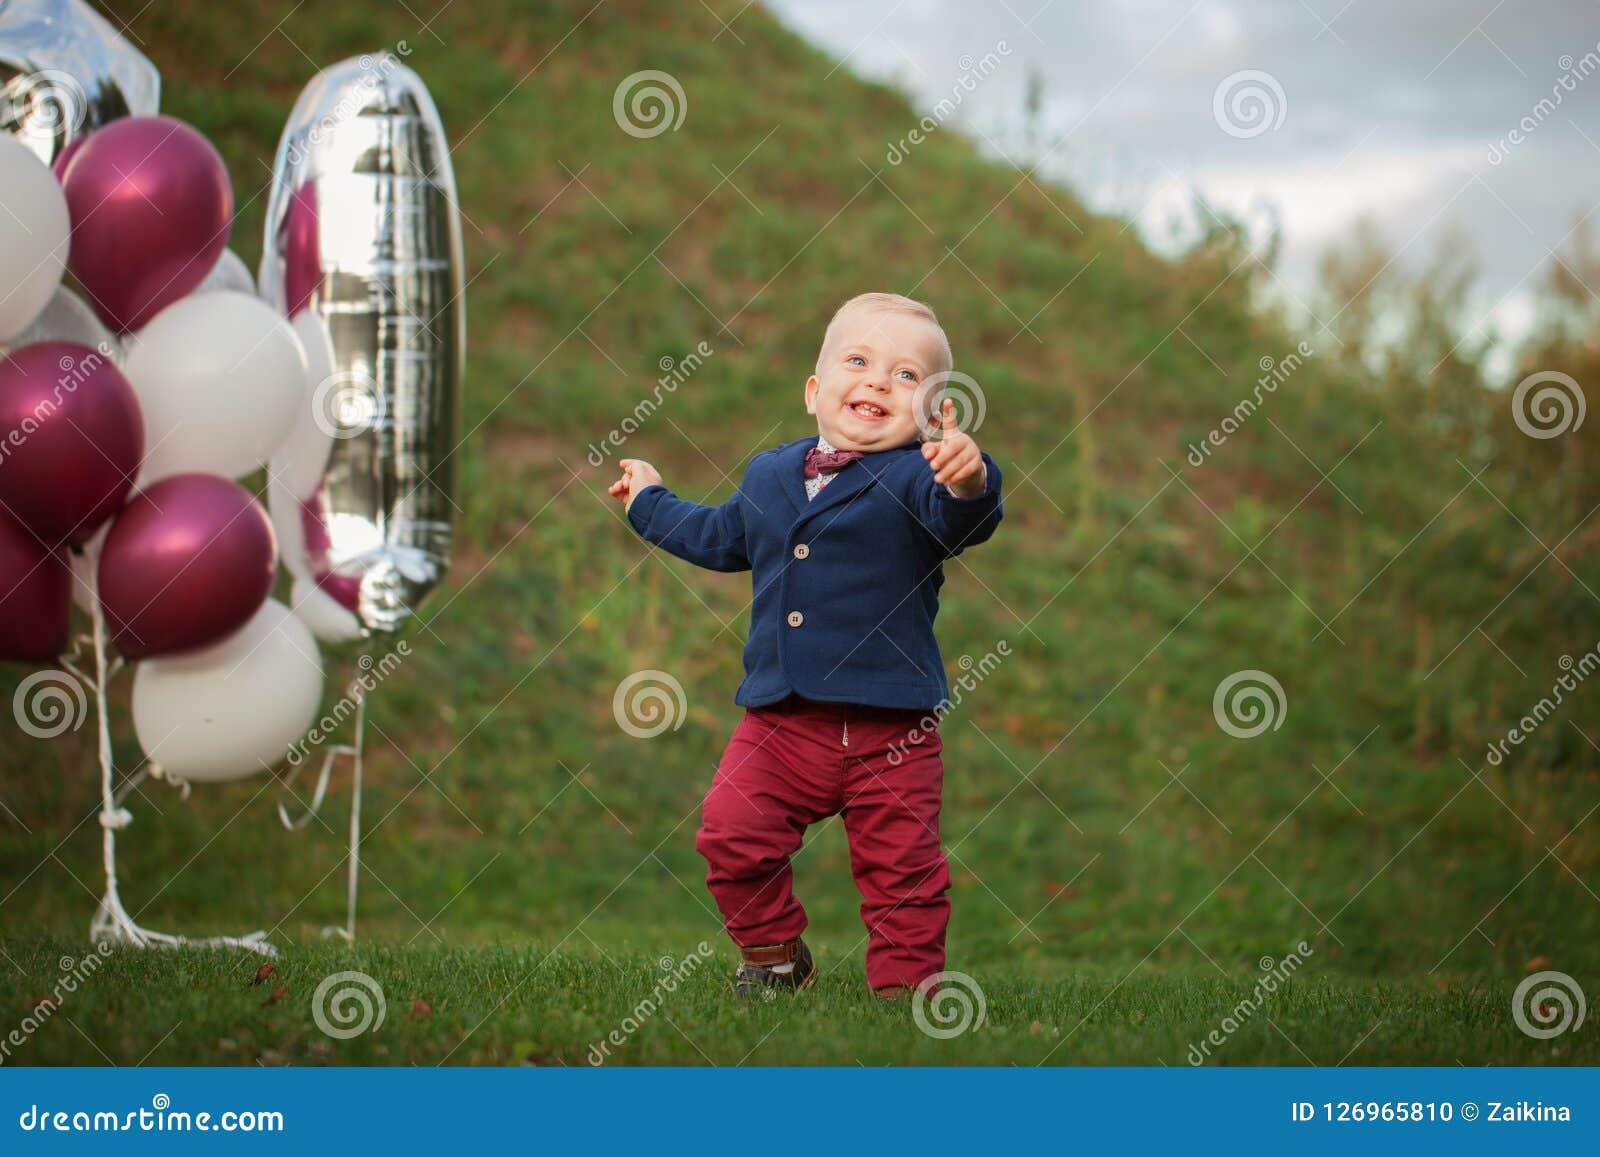 Όμορφο μωρό πορτρέτου χαμόγελου 1χρονο χαριτωμένο αγόρι στη χλόη Επέτειος γενεθλίων